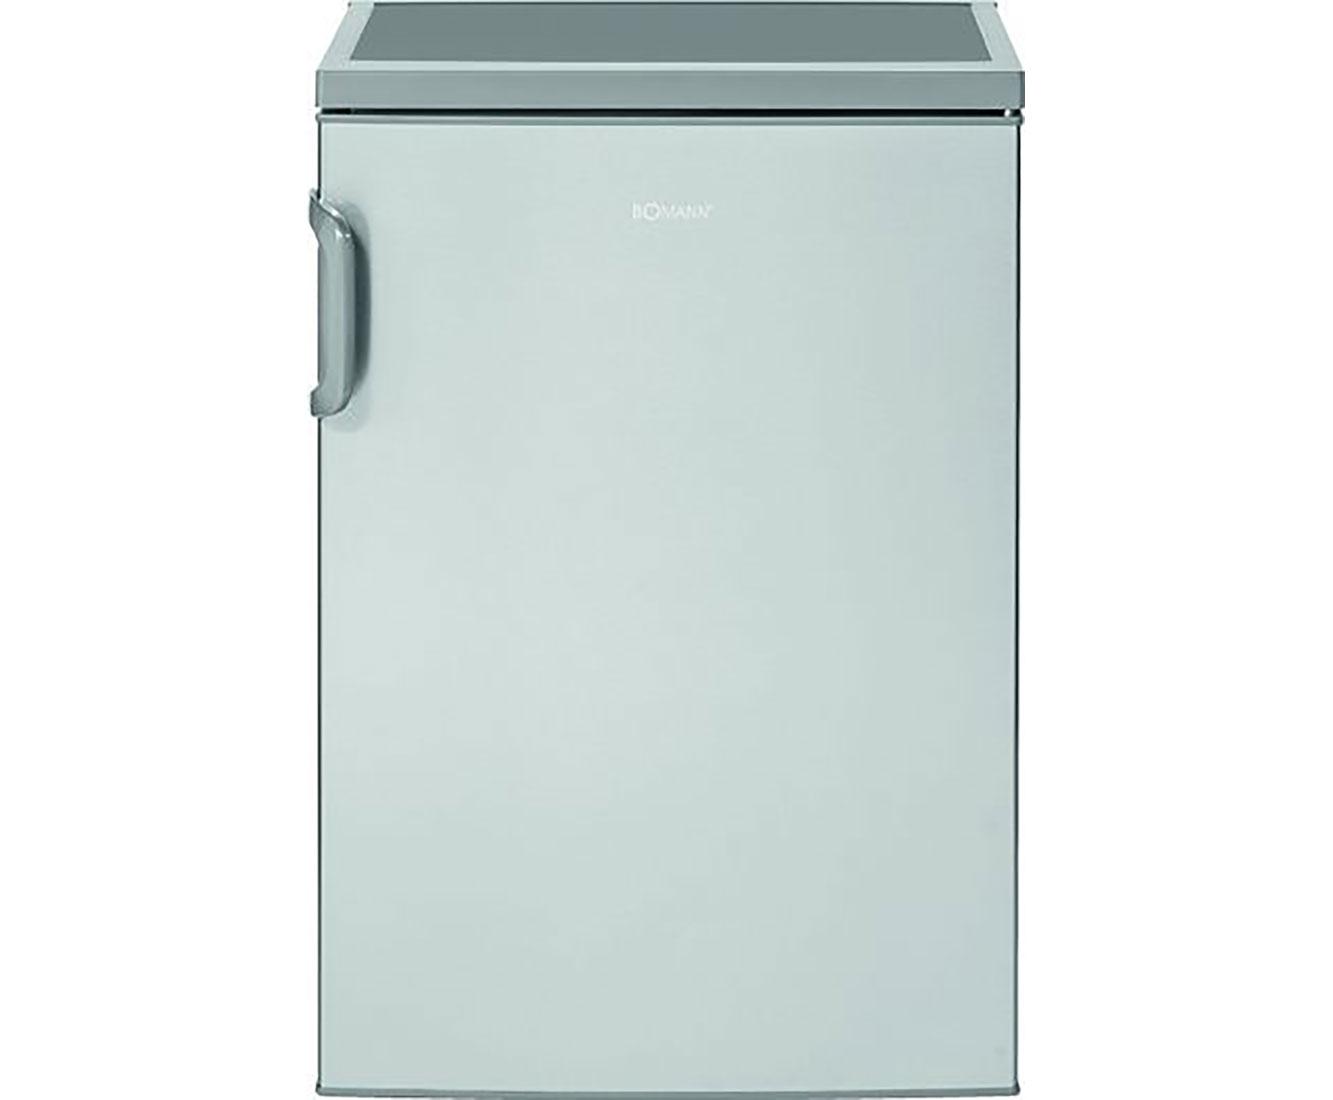 Bomann Kühlschrank Produktion : Bomann vs kühlschrank edelstahl optik a